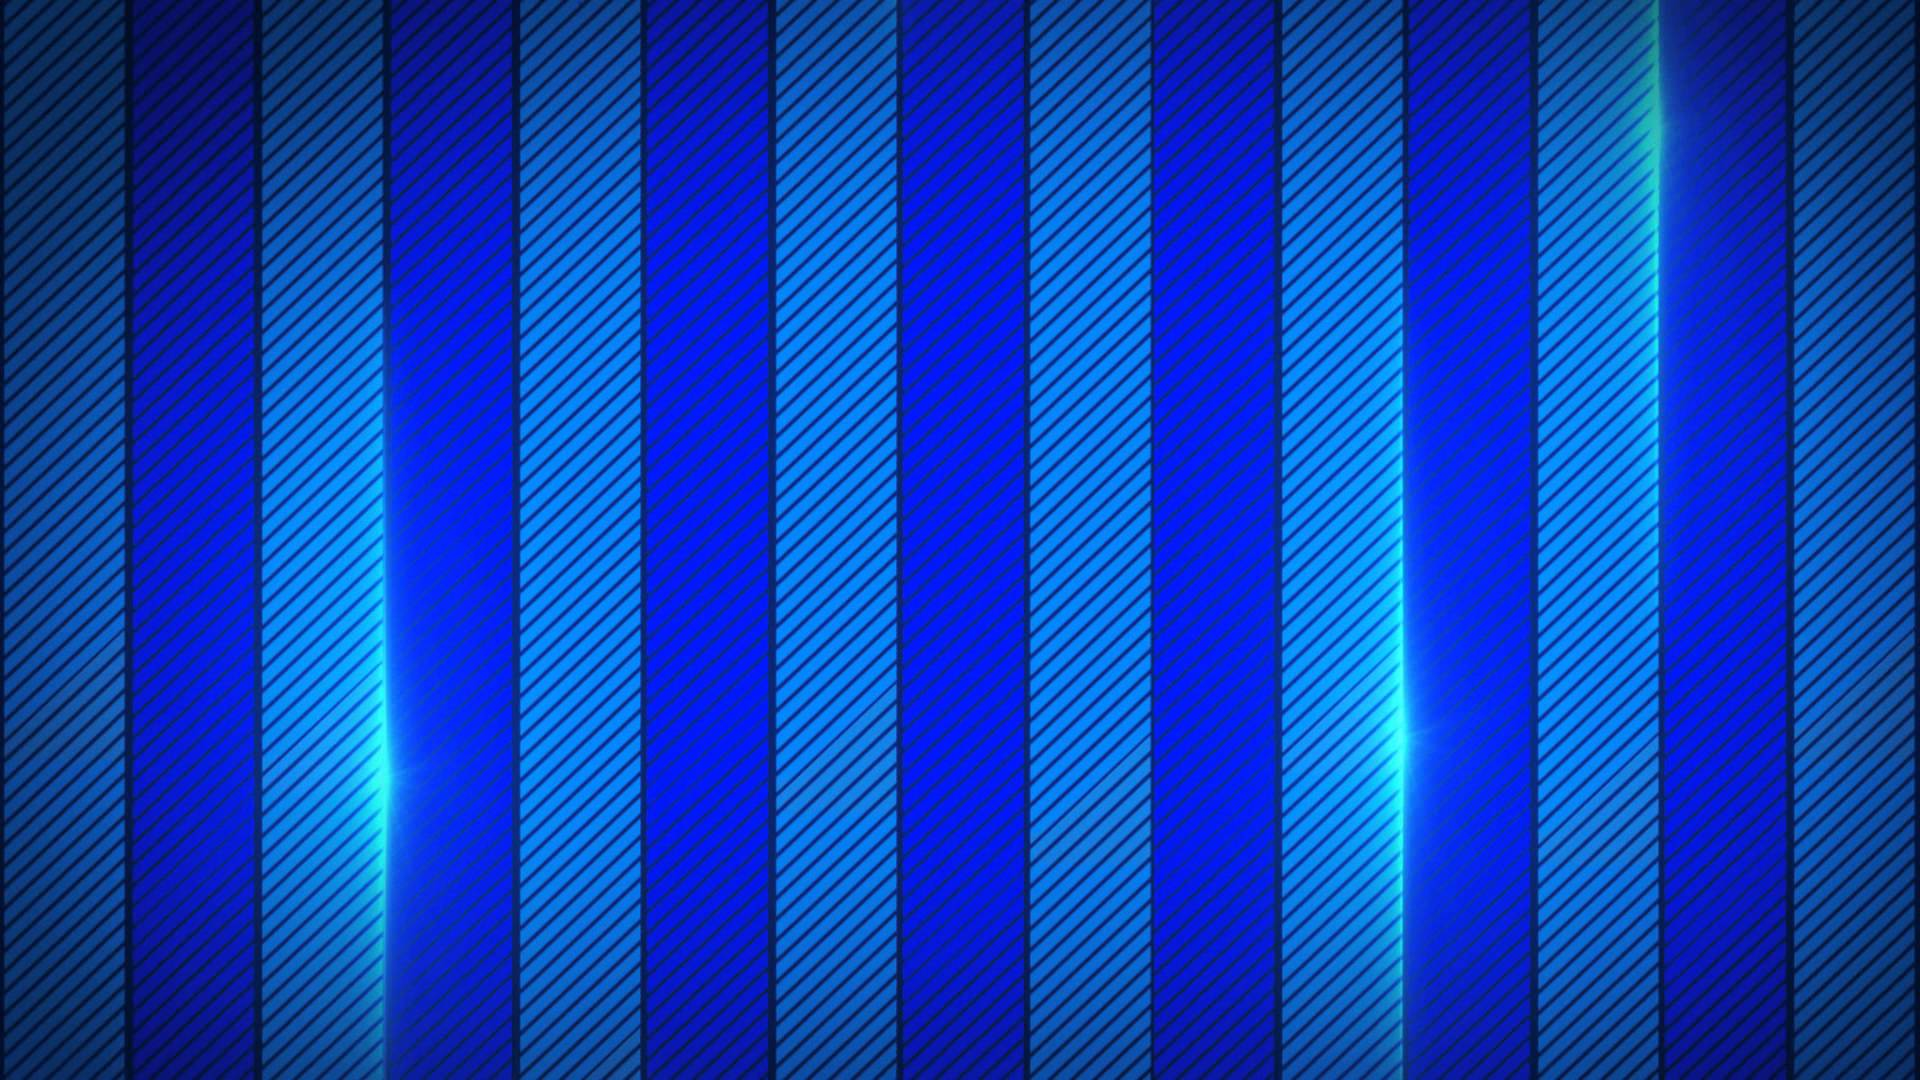 بالصور خلفية زرقاء , اجمل الخلفيات باللون الازرق 1849